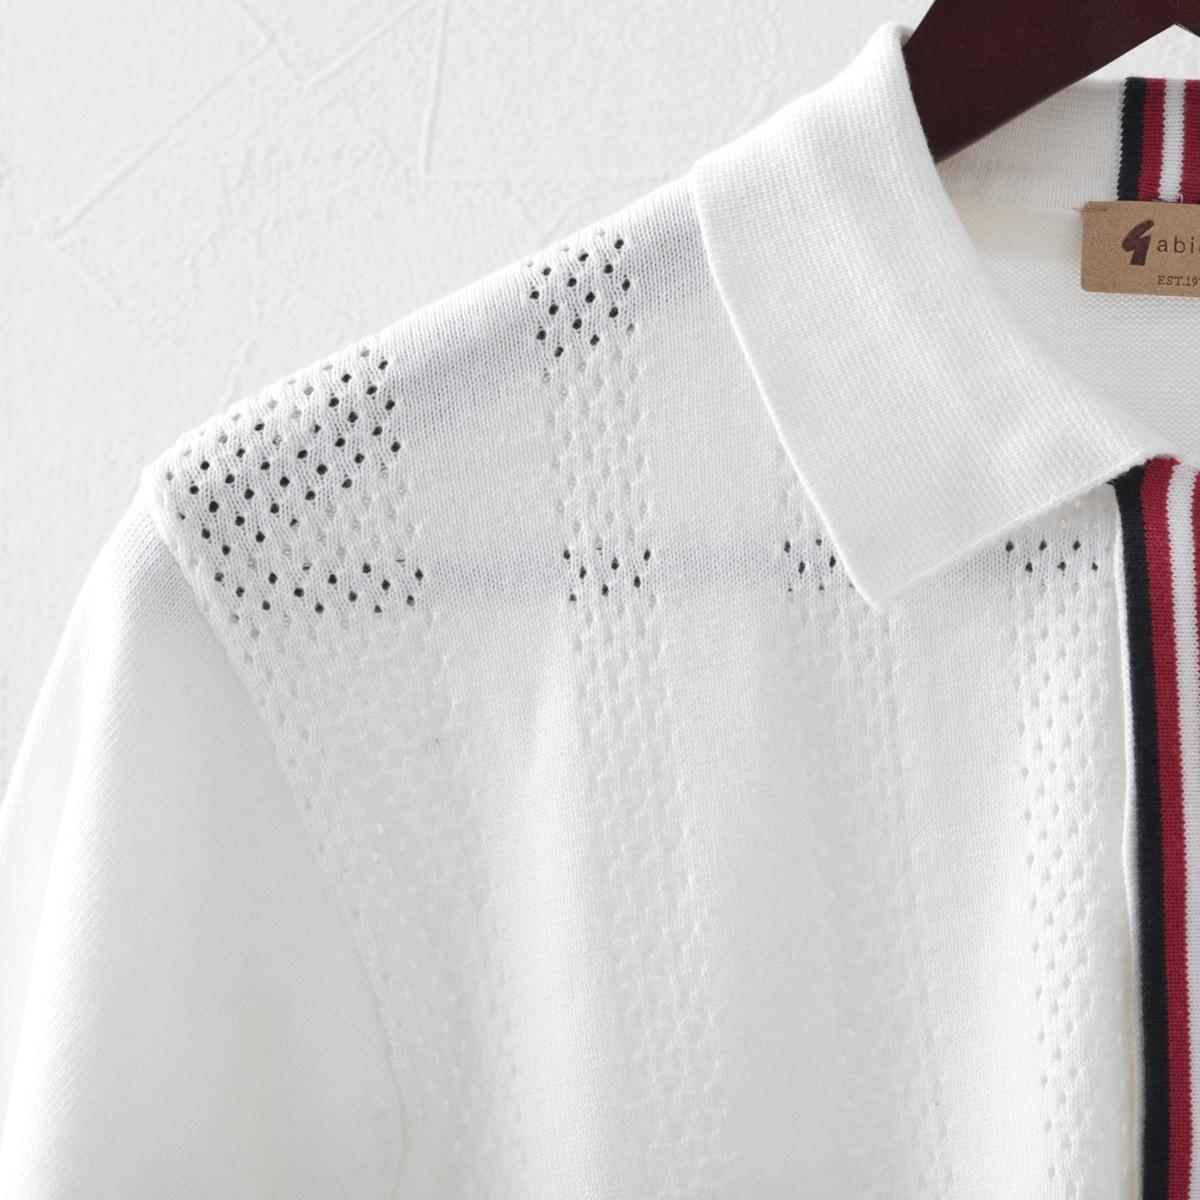 Gabicci メンズ ポロシャツ ポロ プラケット ガビッチ 4色 エルム ヘイ ネイビー ホワイト レトロ モッズファッション